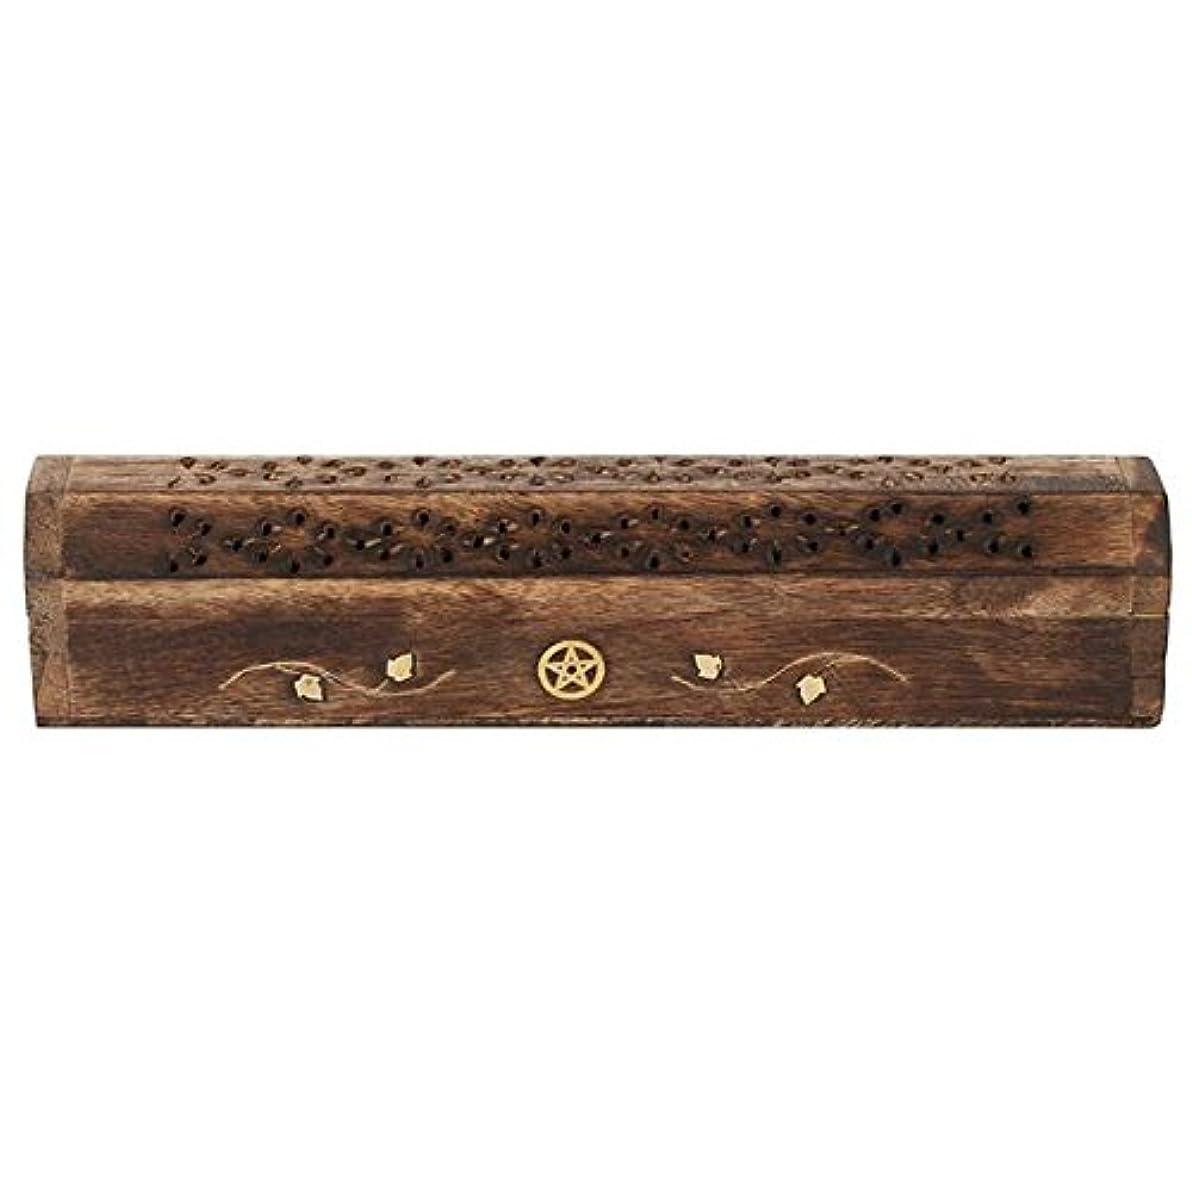 報いる鑑定クリップMangowood Incense Box with Brass Pentagram Inlay